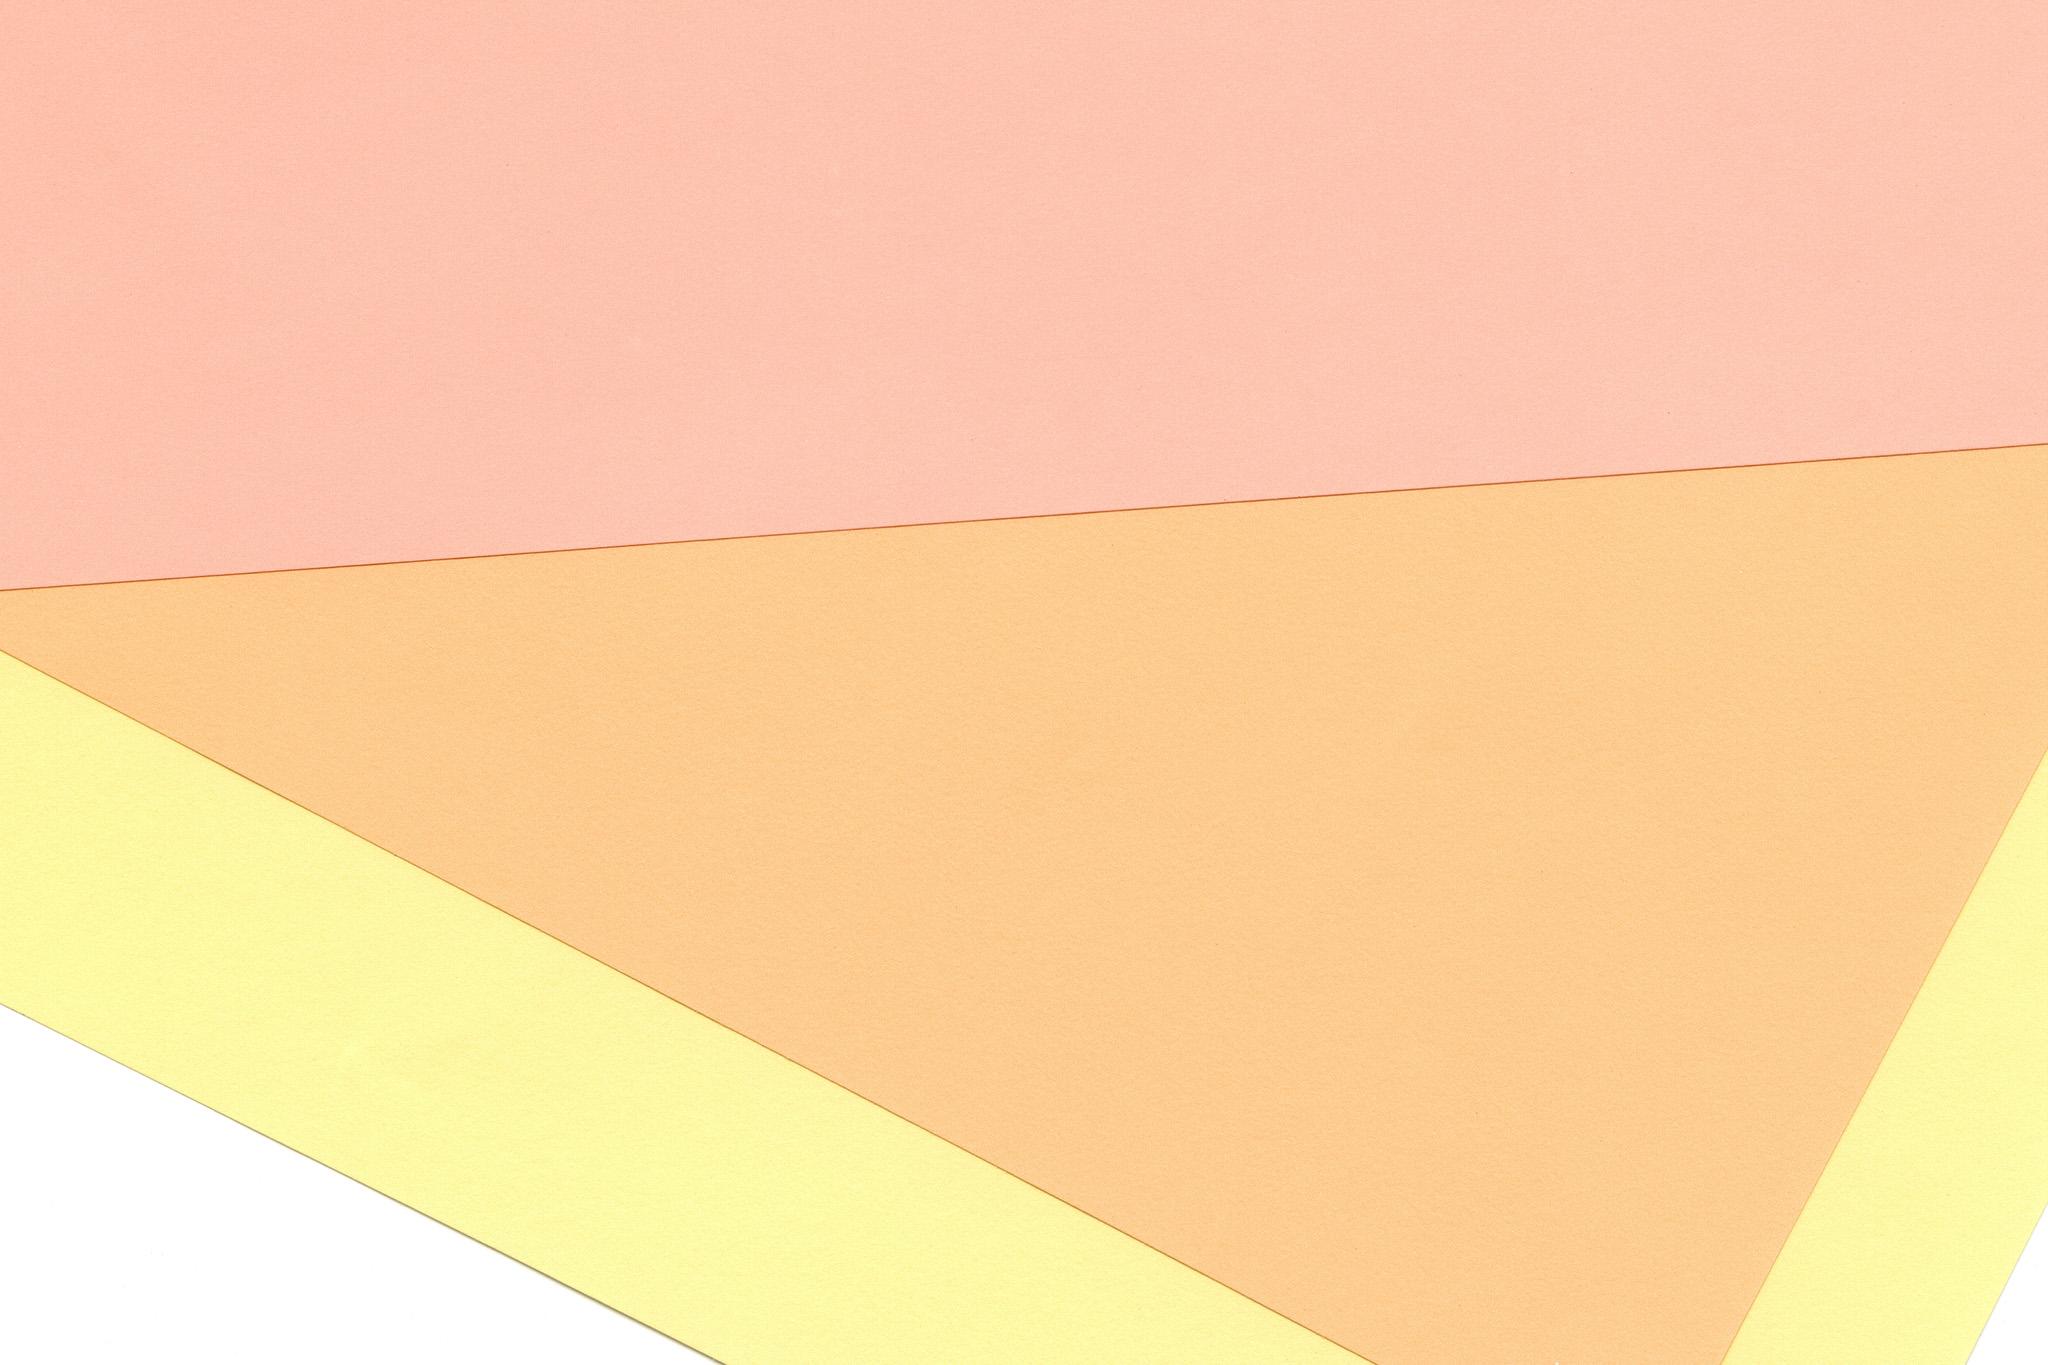 「折り紙」